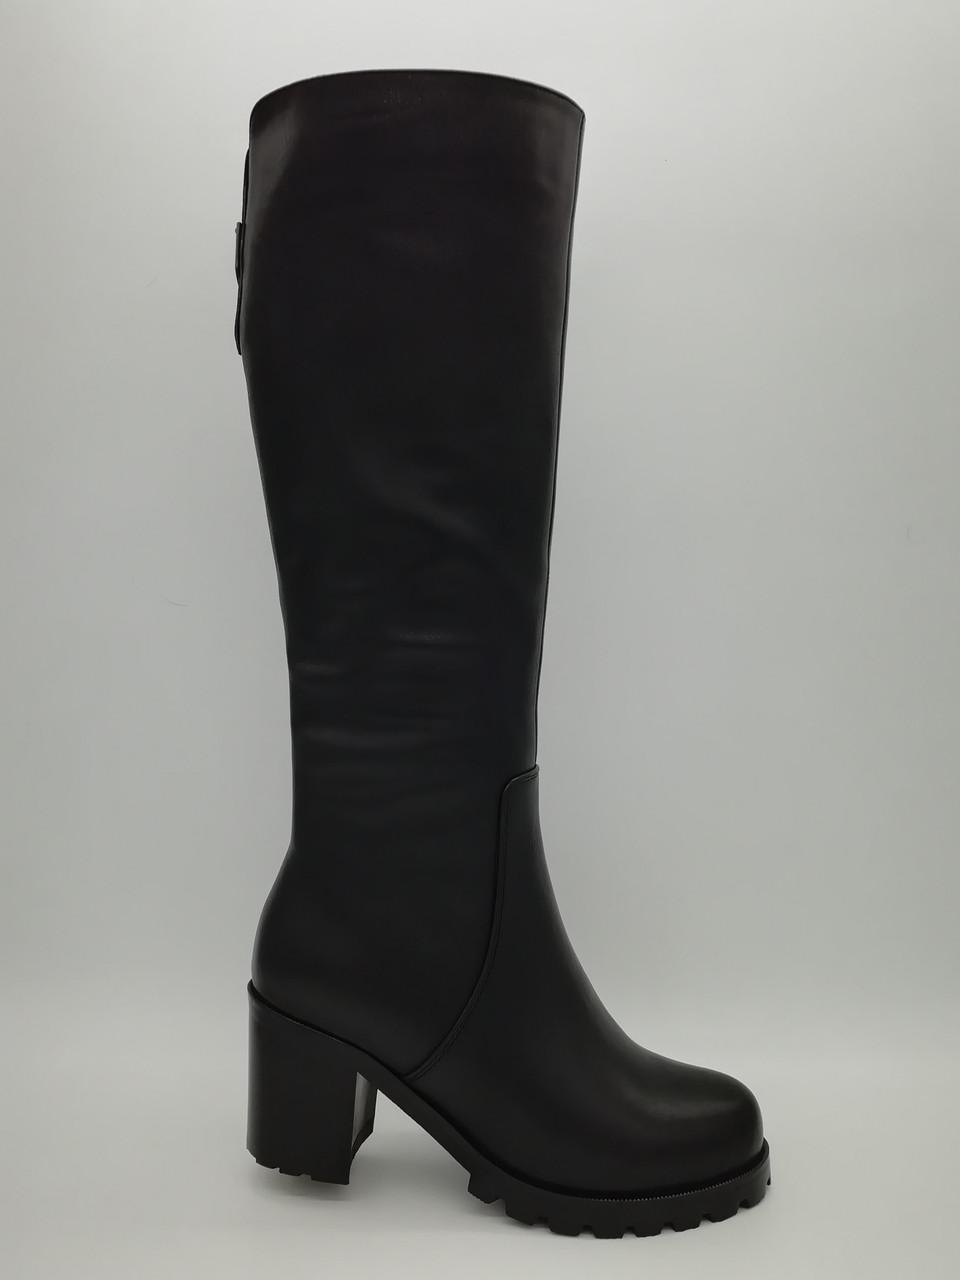 Чорні шкіряні зимові чоботи. Erisses. Маленькі розміри ( 33 - 35 ).